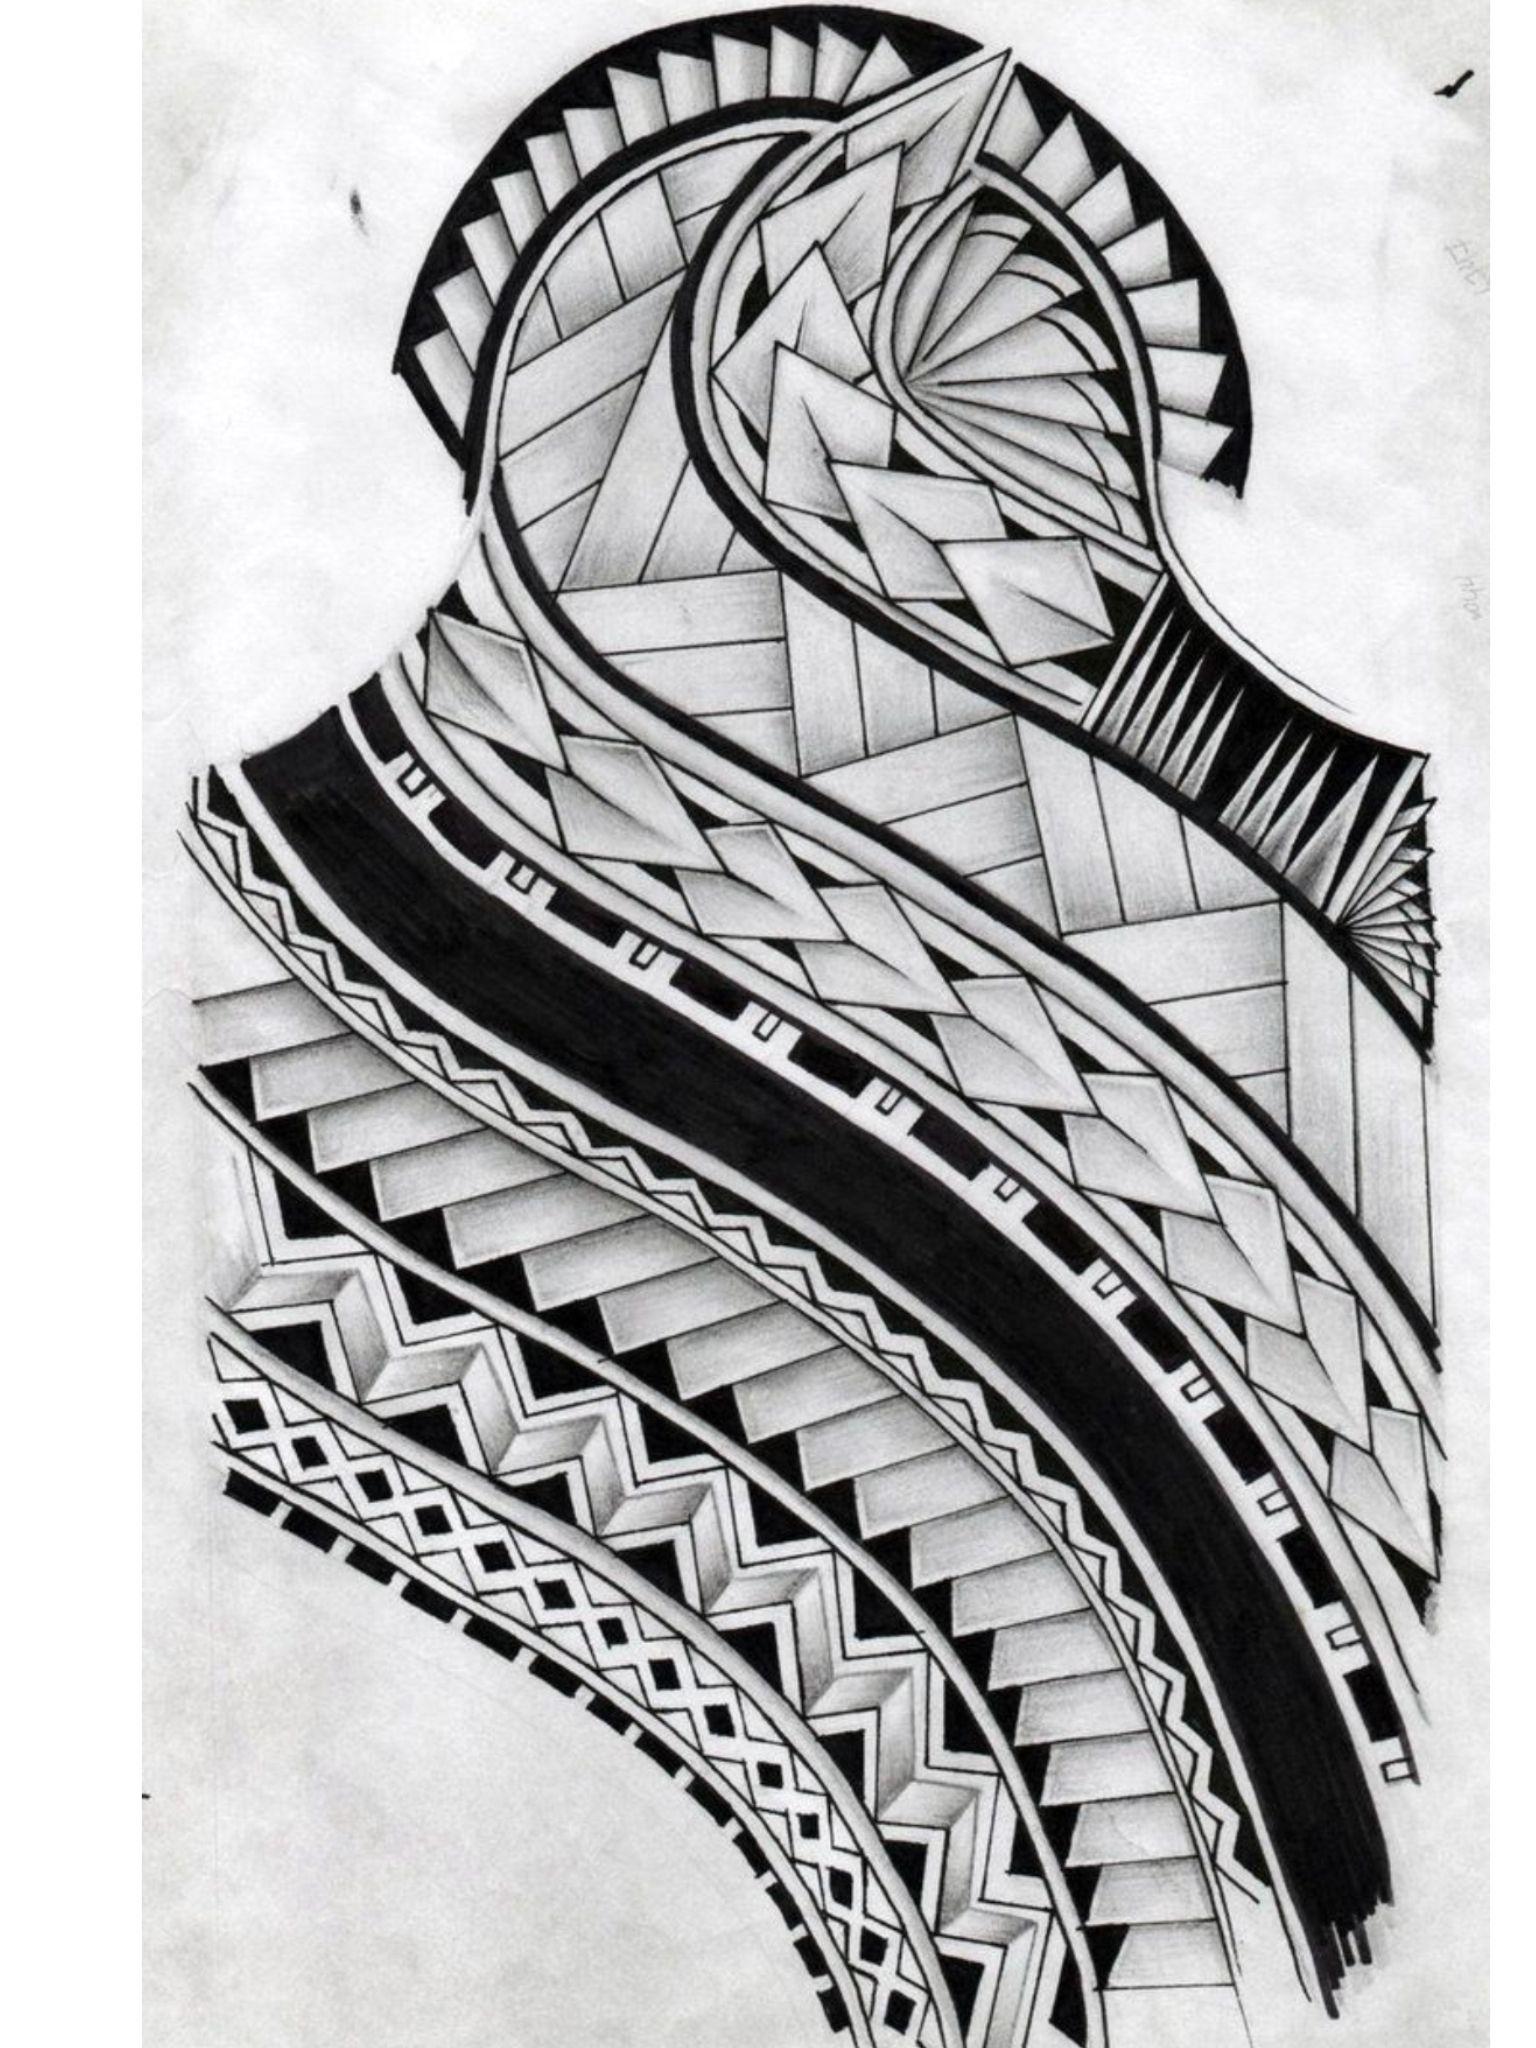 Maori Patterns Tattoo: Samoan Tattoo, Polynesian Tattoo Designs, Maori